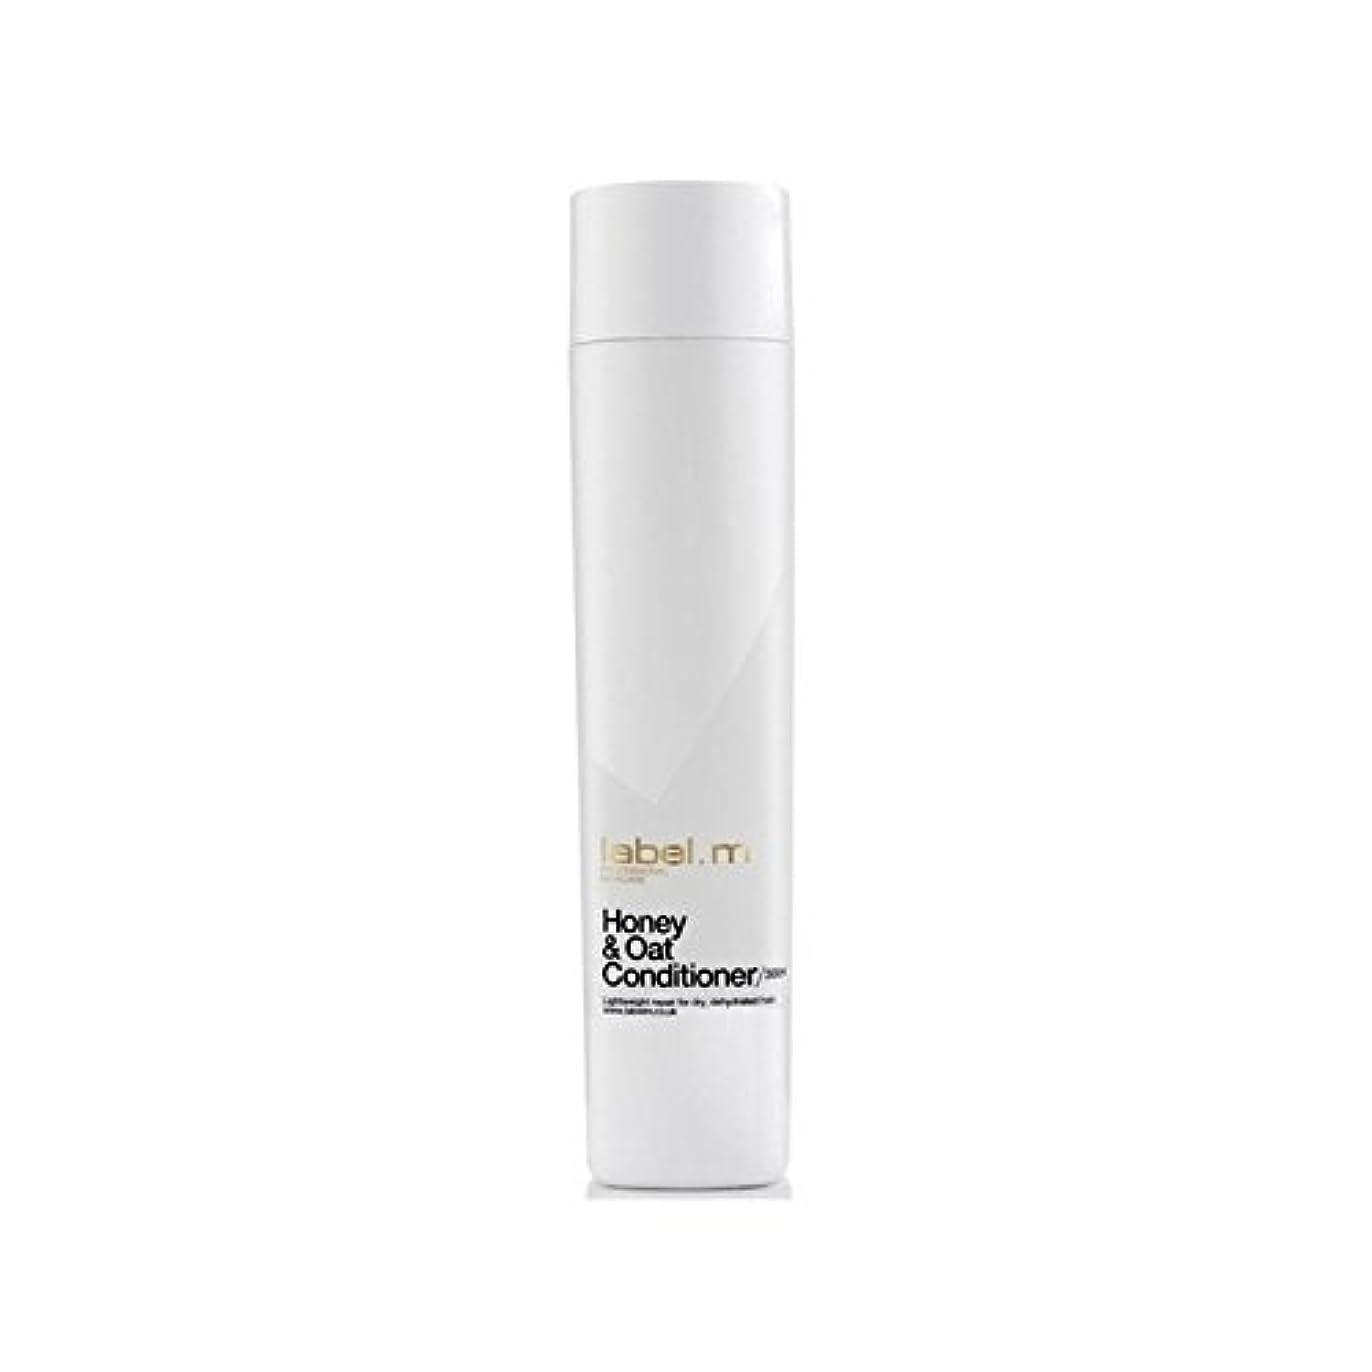 グリップ遺伝的鉱夫Label.M Honey & Oat Conditioner (300ml) (Pack of 6) - .ハニー&オーツ麦コンディショナー(300ミリリットル) x6 [並行輸入品]